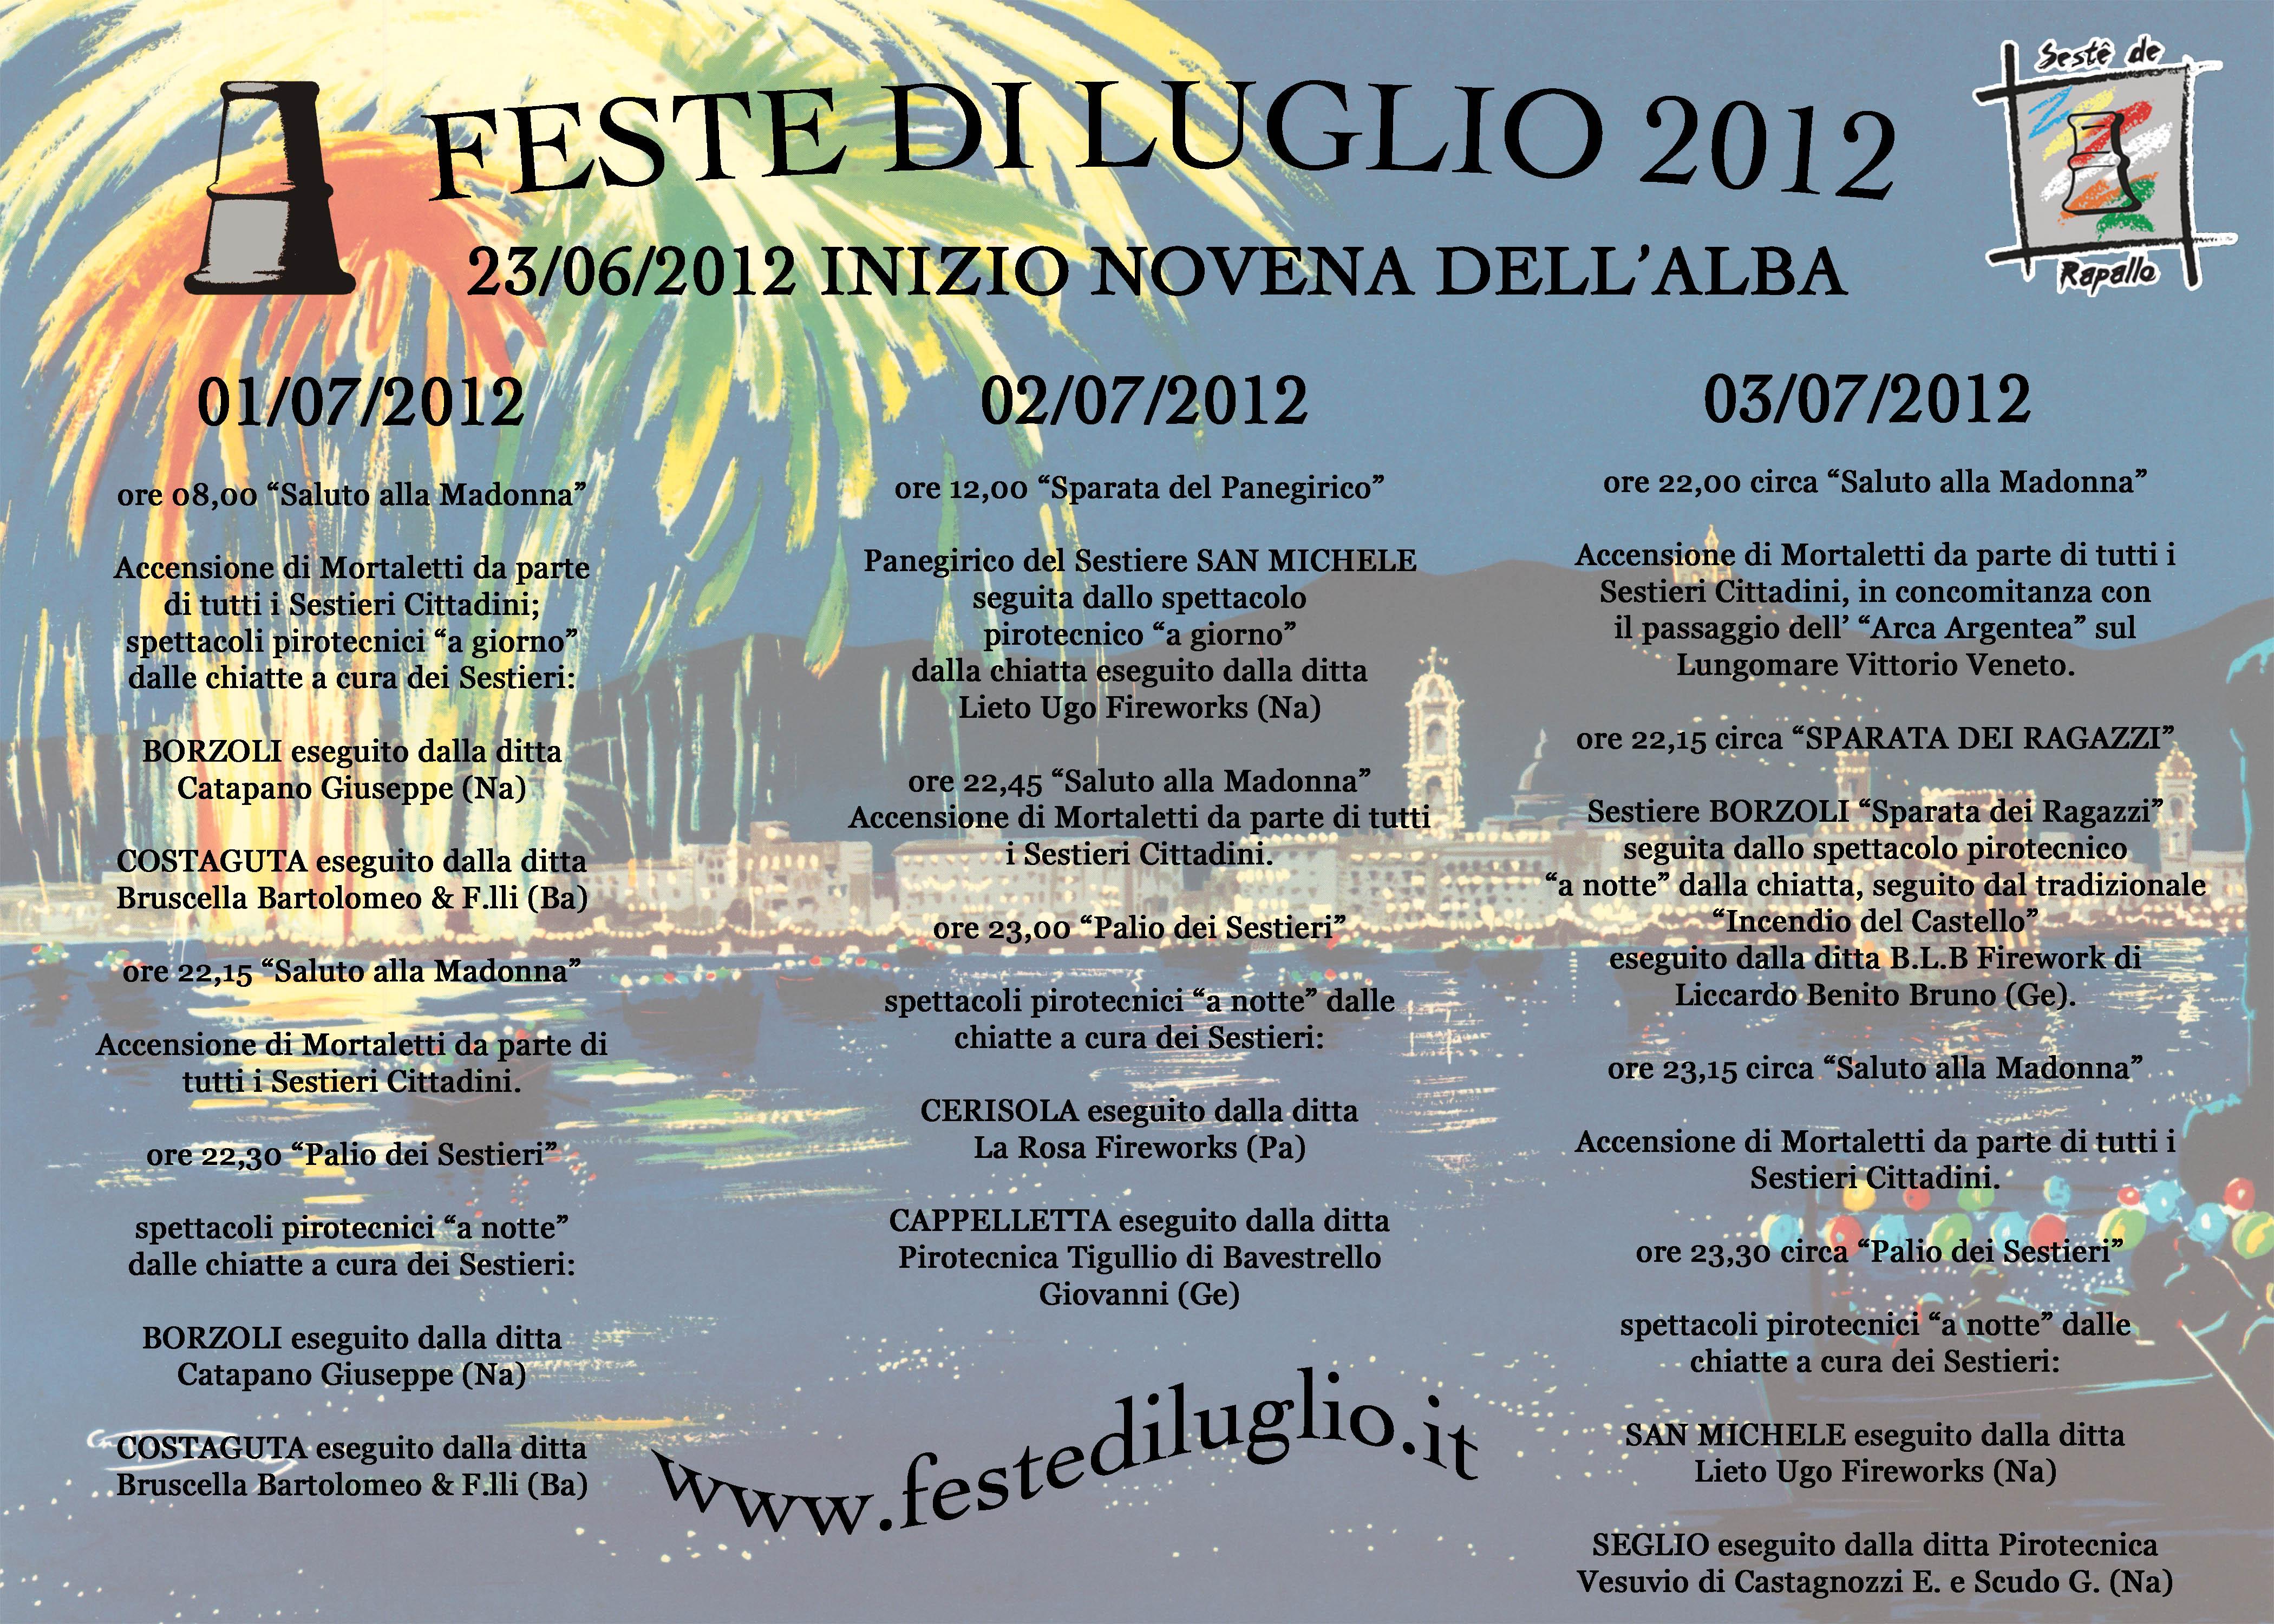 feste di luglio 1-2-3 Rapallo (Ge) - Pagina 4 Volantino-fuochi-2012-upload